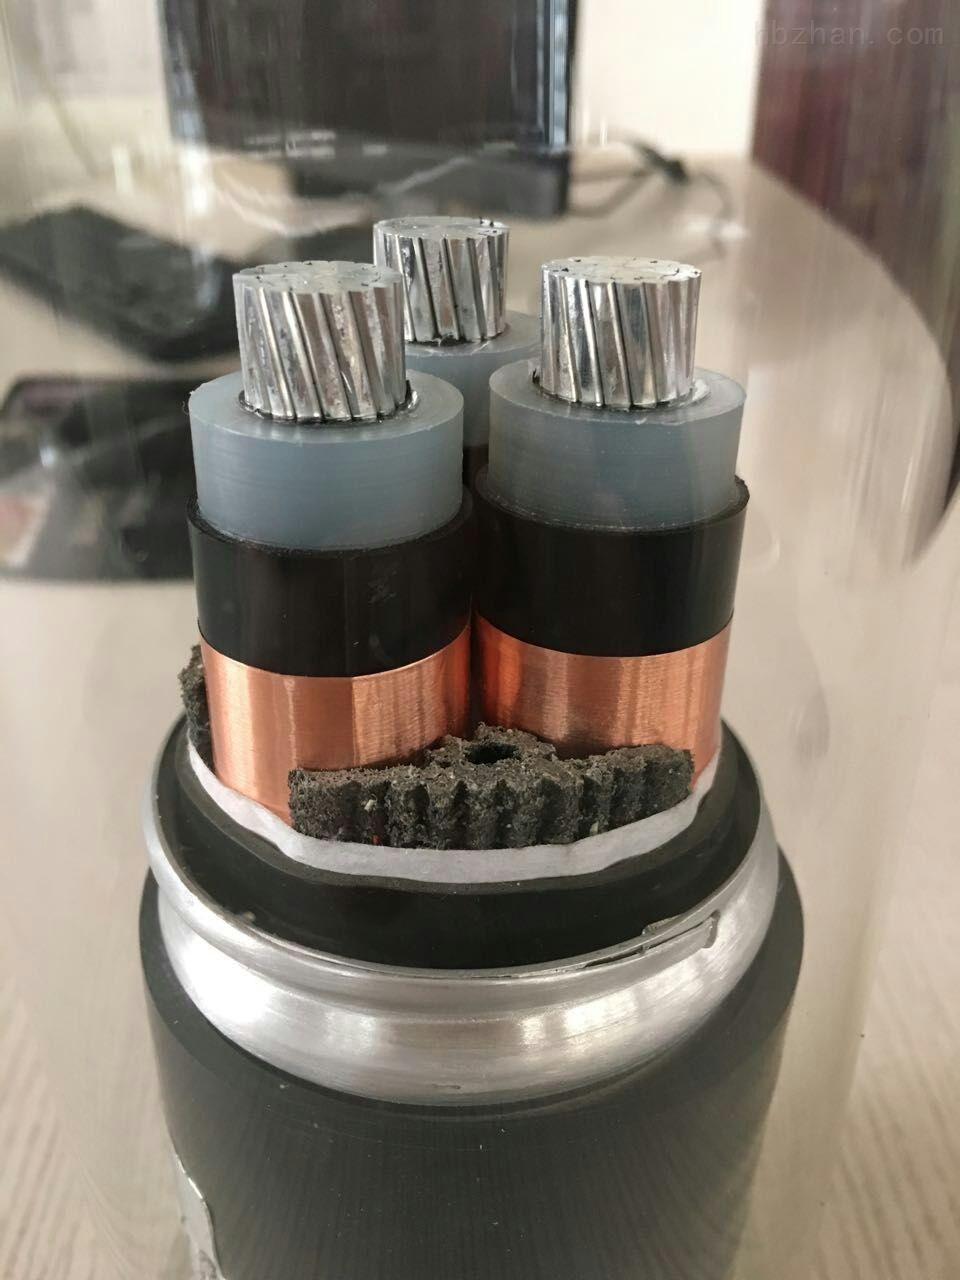 YJLHVS22 3*400铝合金电力电缆8.7/15KV电缆价格多少钱一米